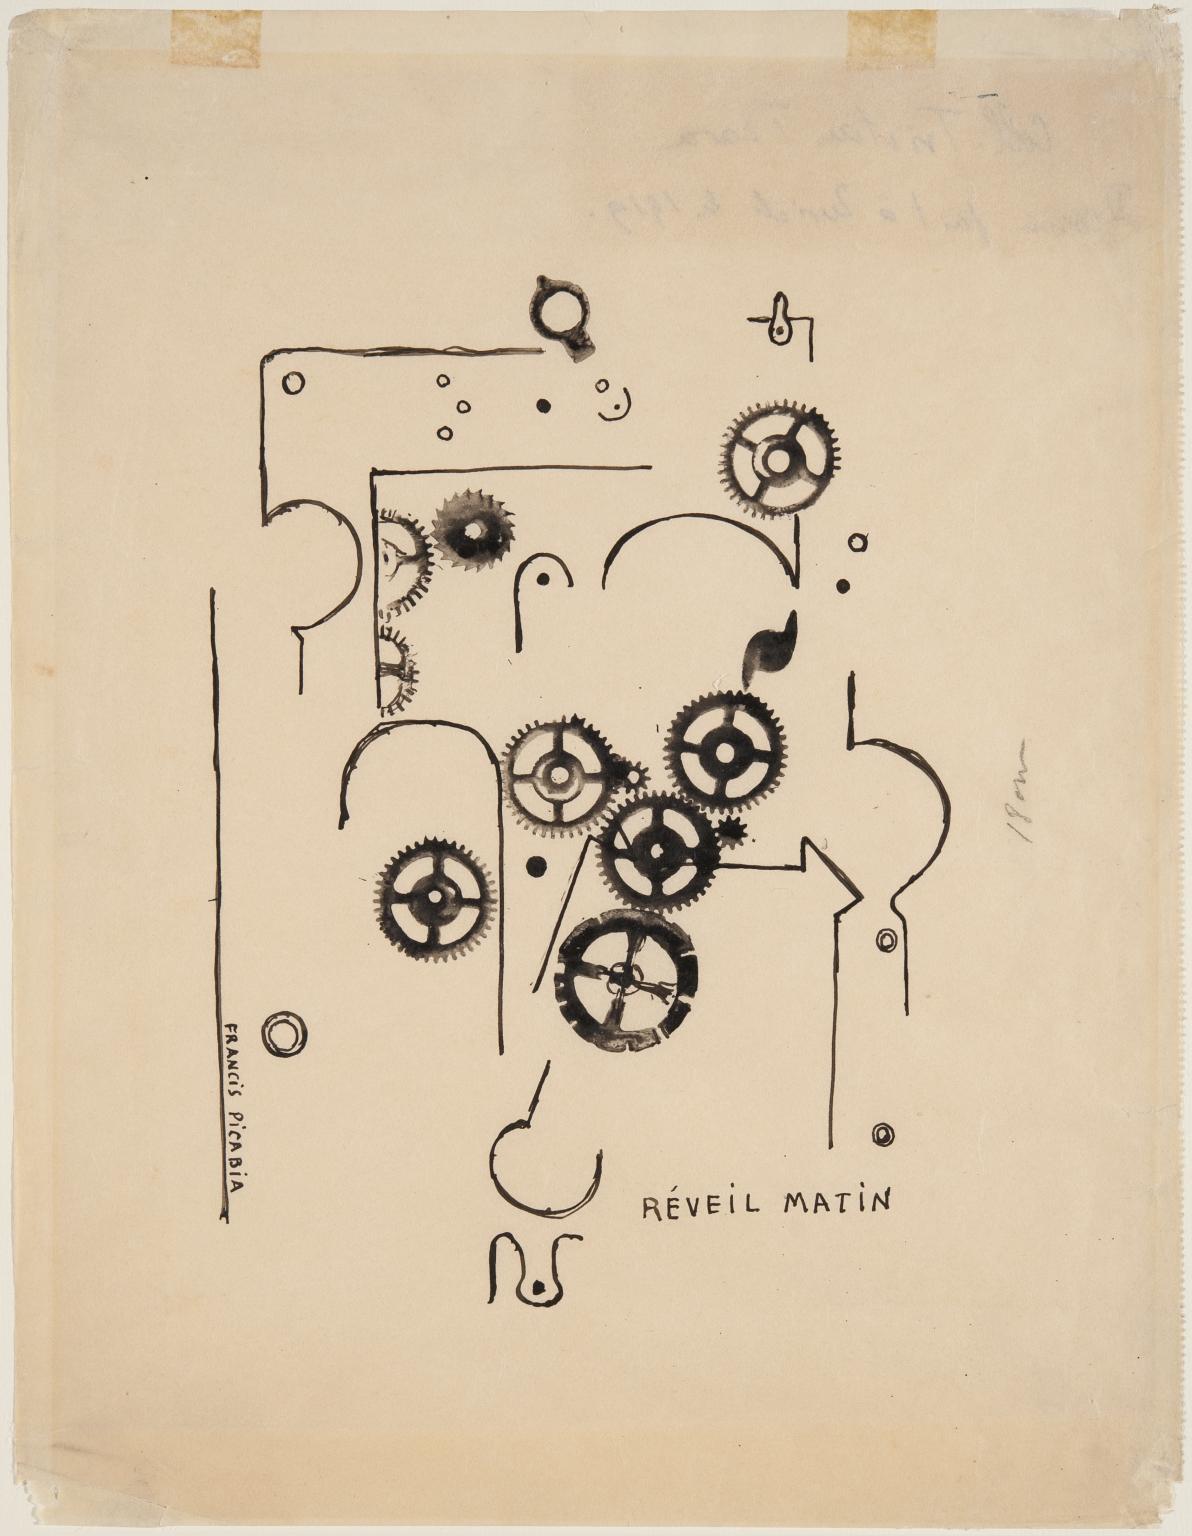 Франсис Пикабиа, Réveil matin, 1919.